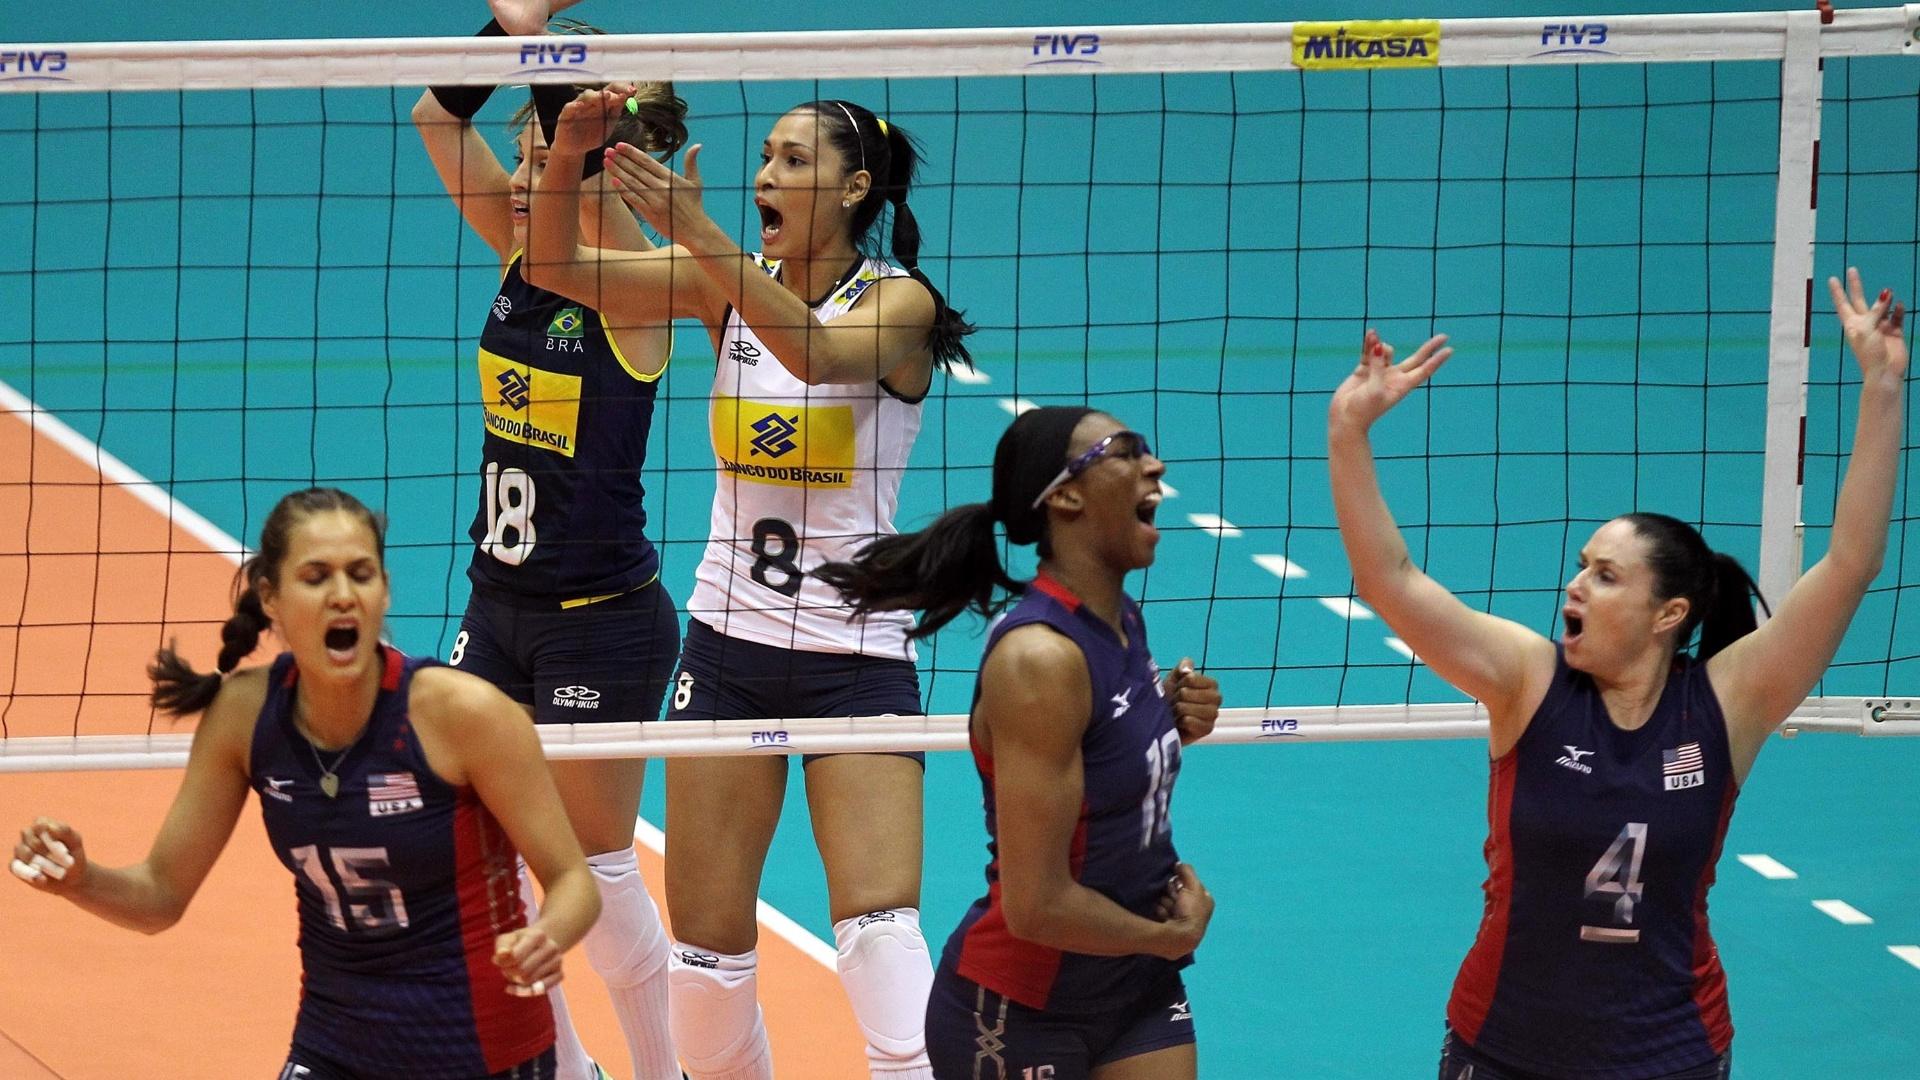 Jaqueline e Camila Brait reclamam com arbitragem, enquanto americanas comemoram ponto durante vitória sobre o Brasil